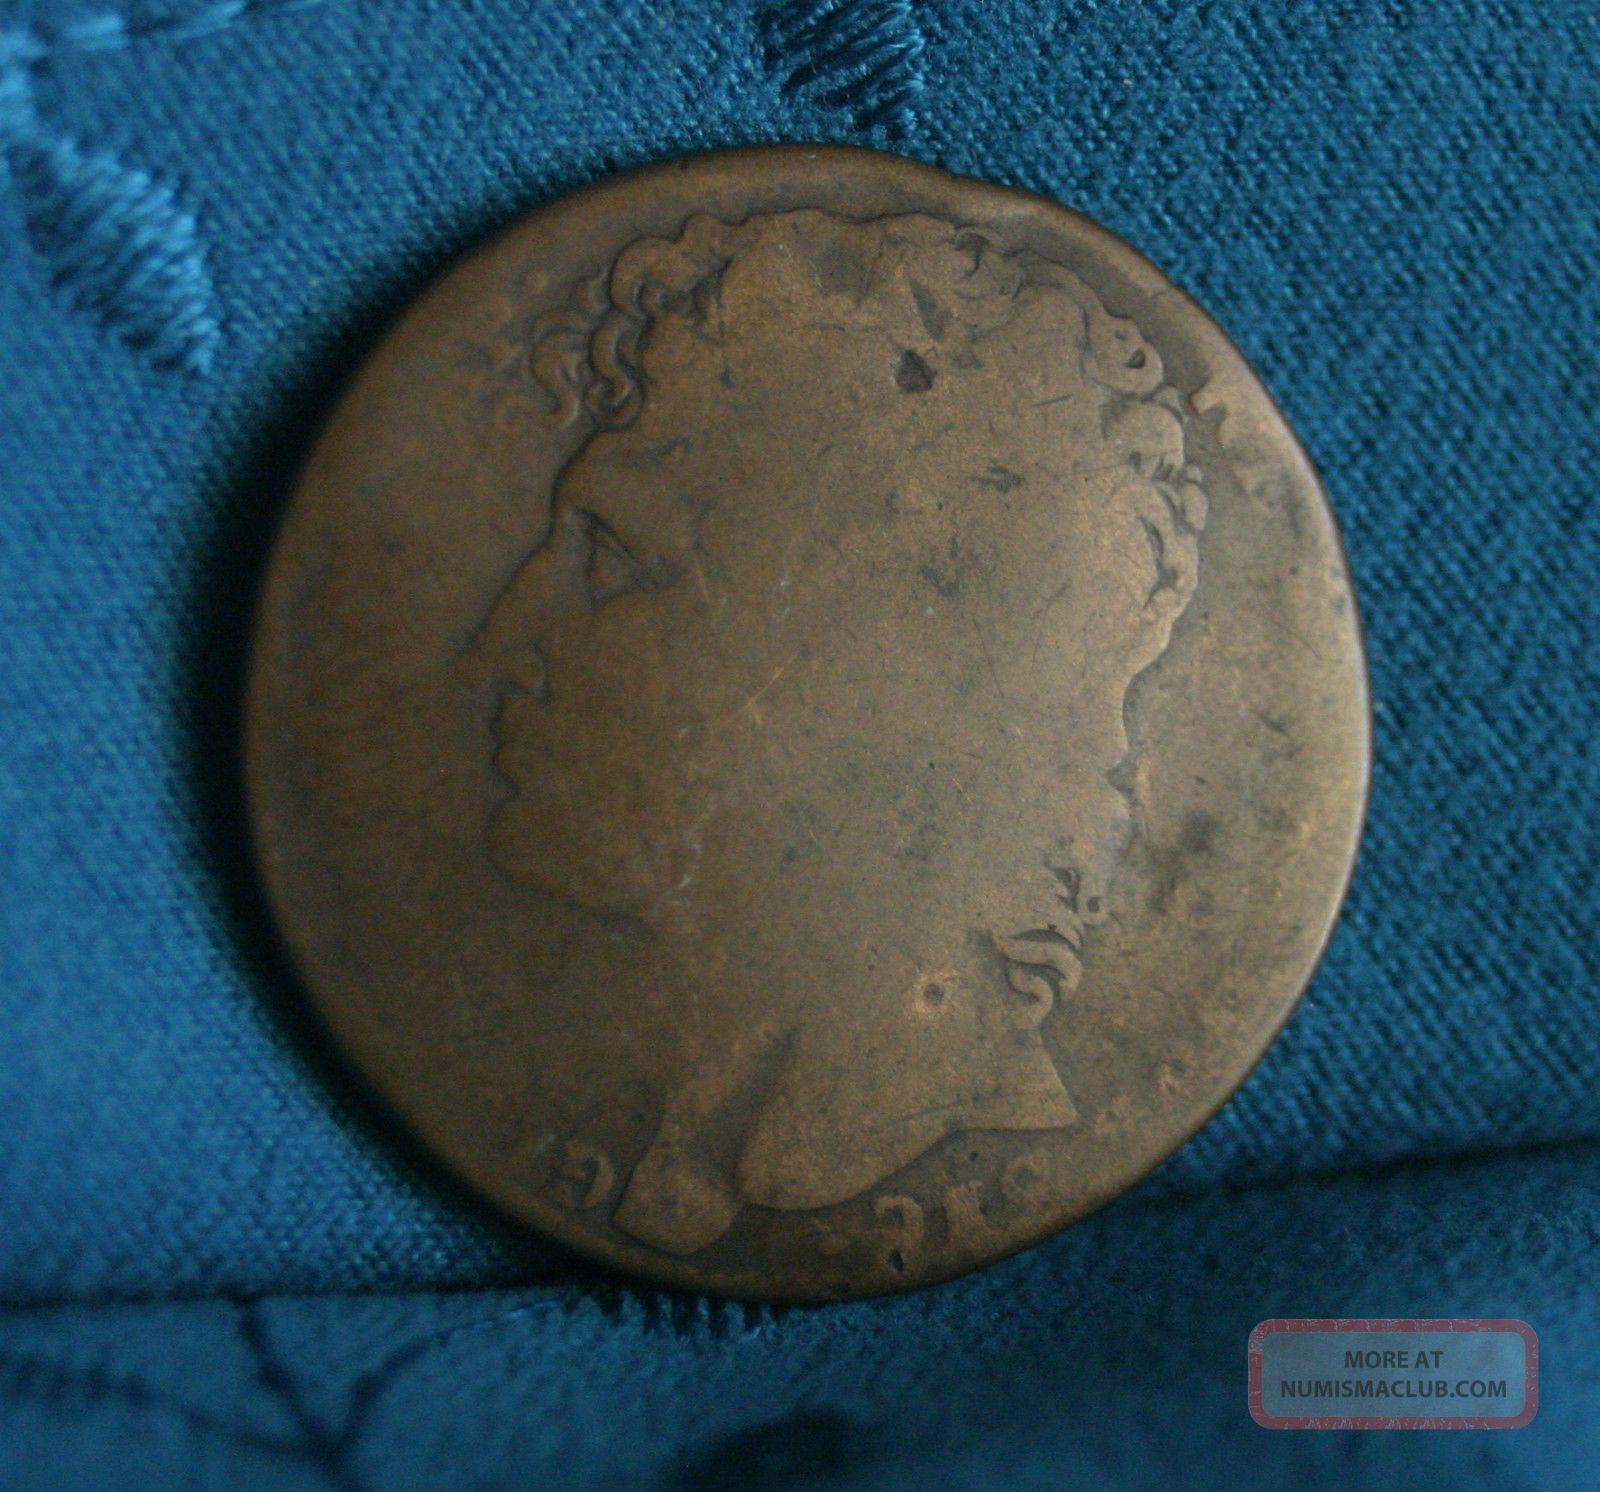 Naples Sicily 1810 Italian States 3 Grana World Coin Italy Joachim Murat Rare Italy, San Marino, Vatican photo